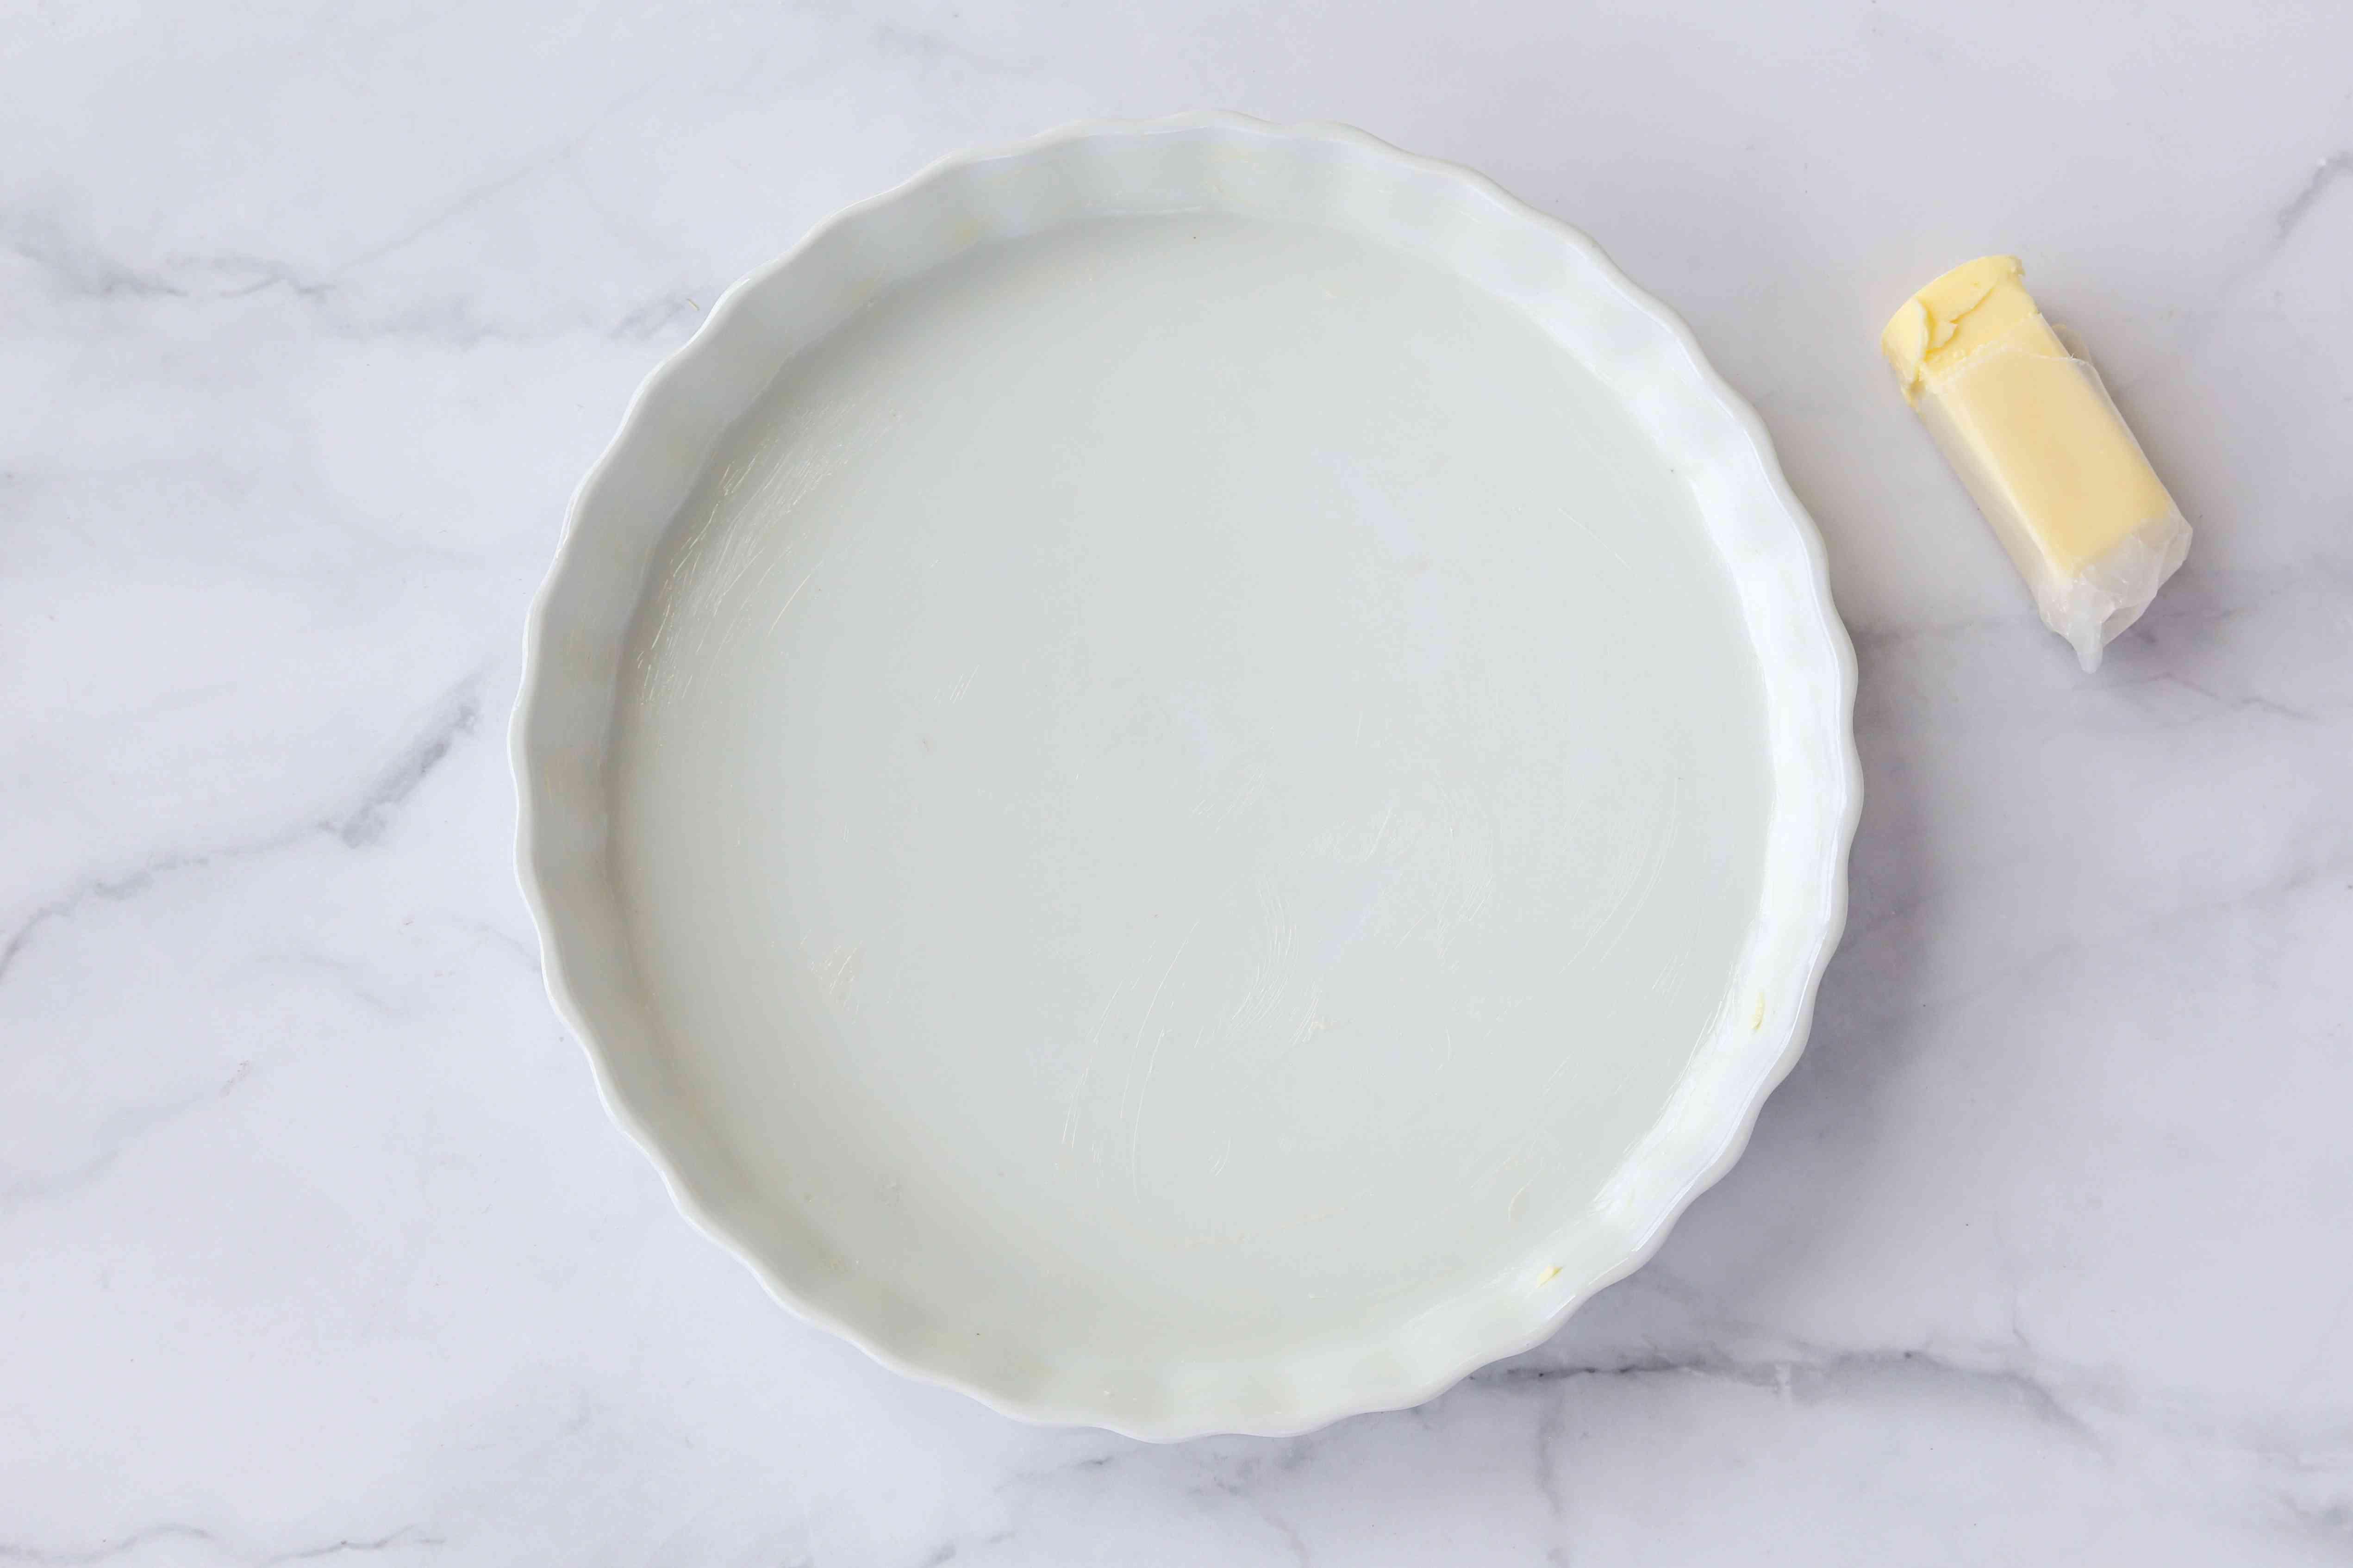 Greased baking dish